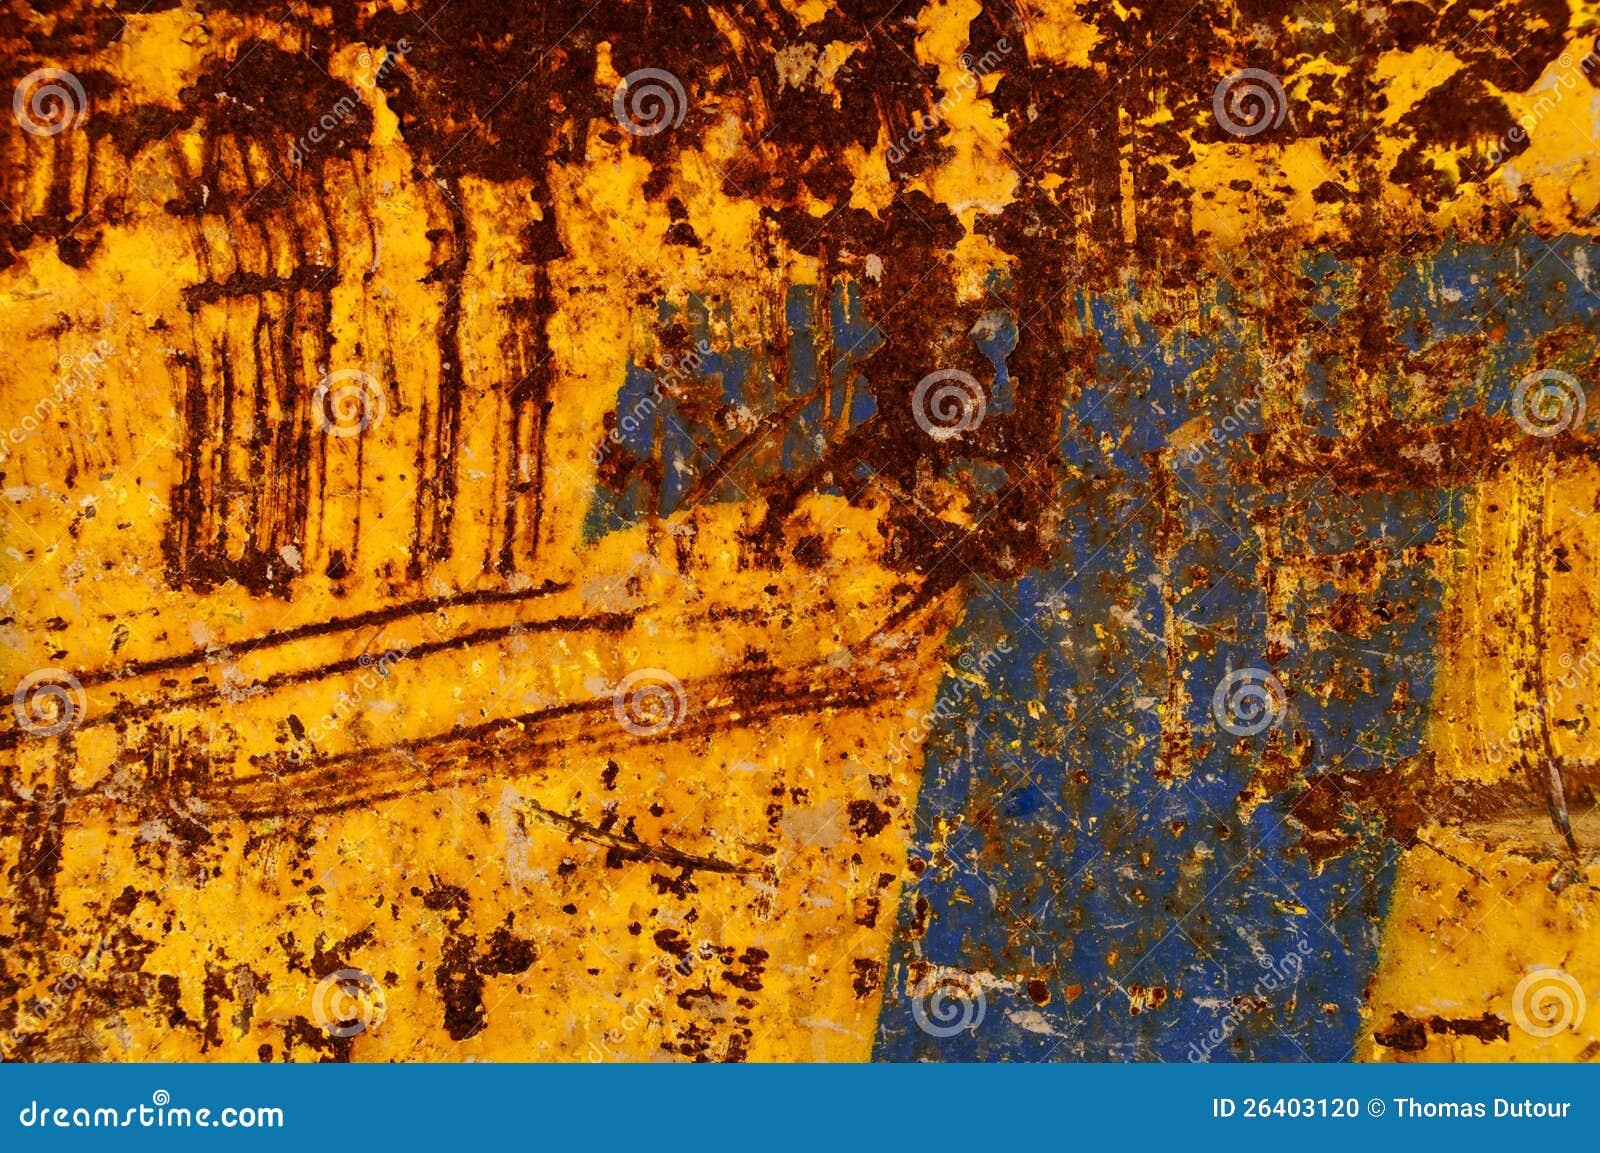 Blue And Orange Rusty Background Stock Photo Image 26403120